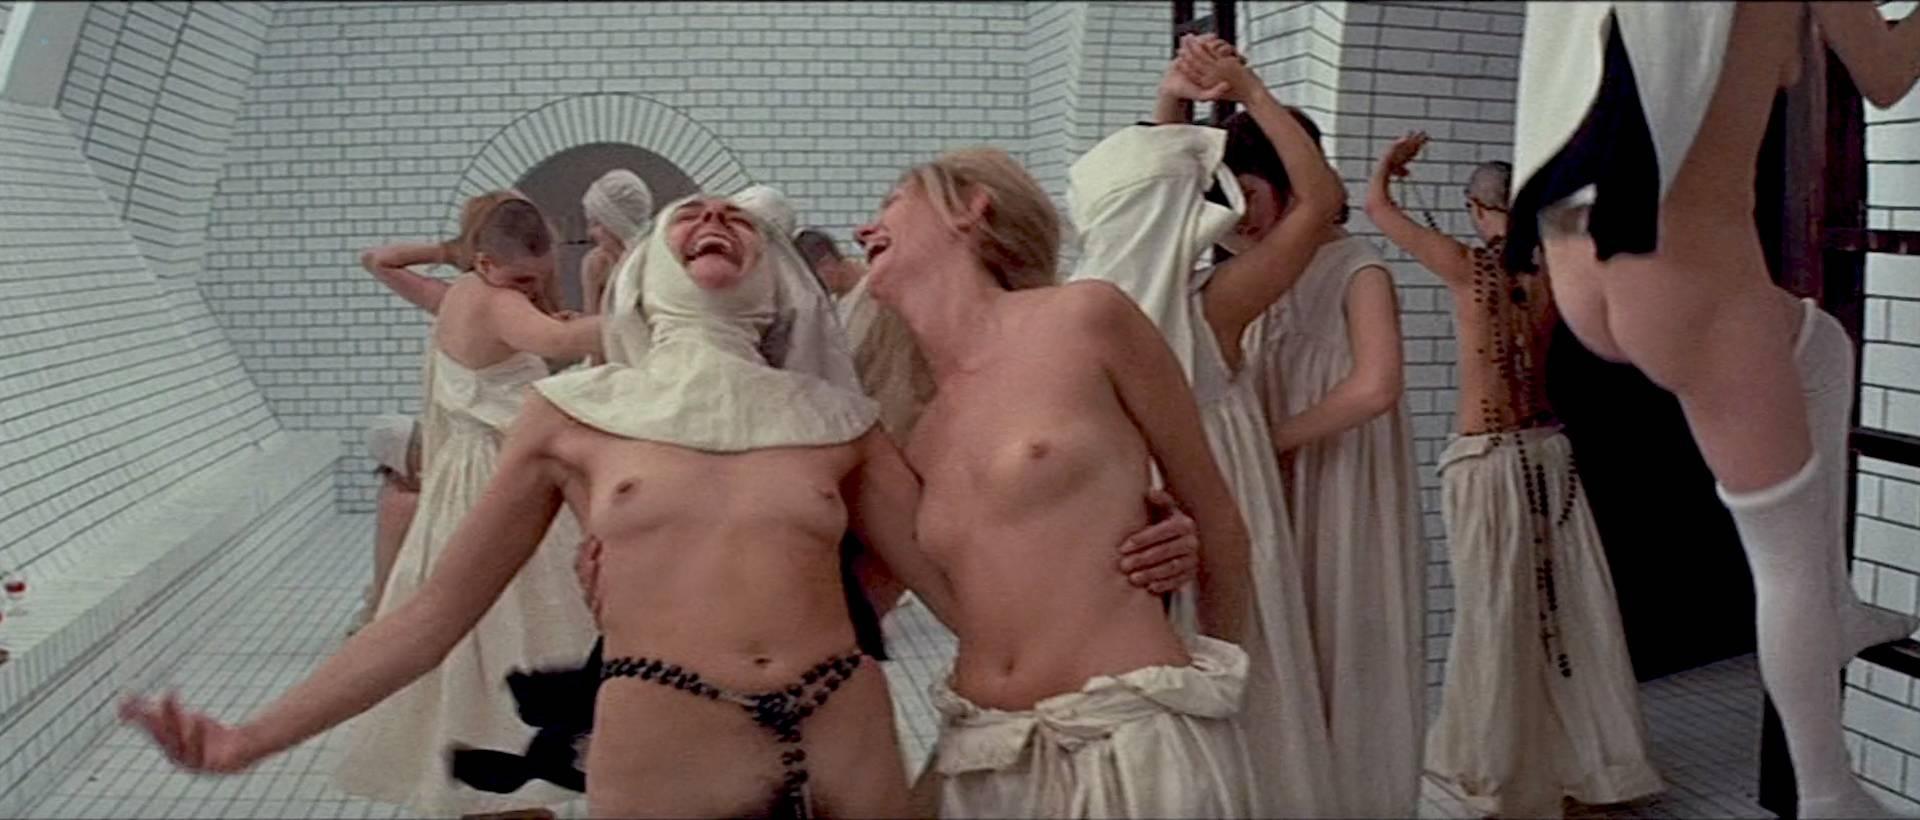 Gemma gregory jones nude